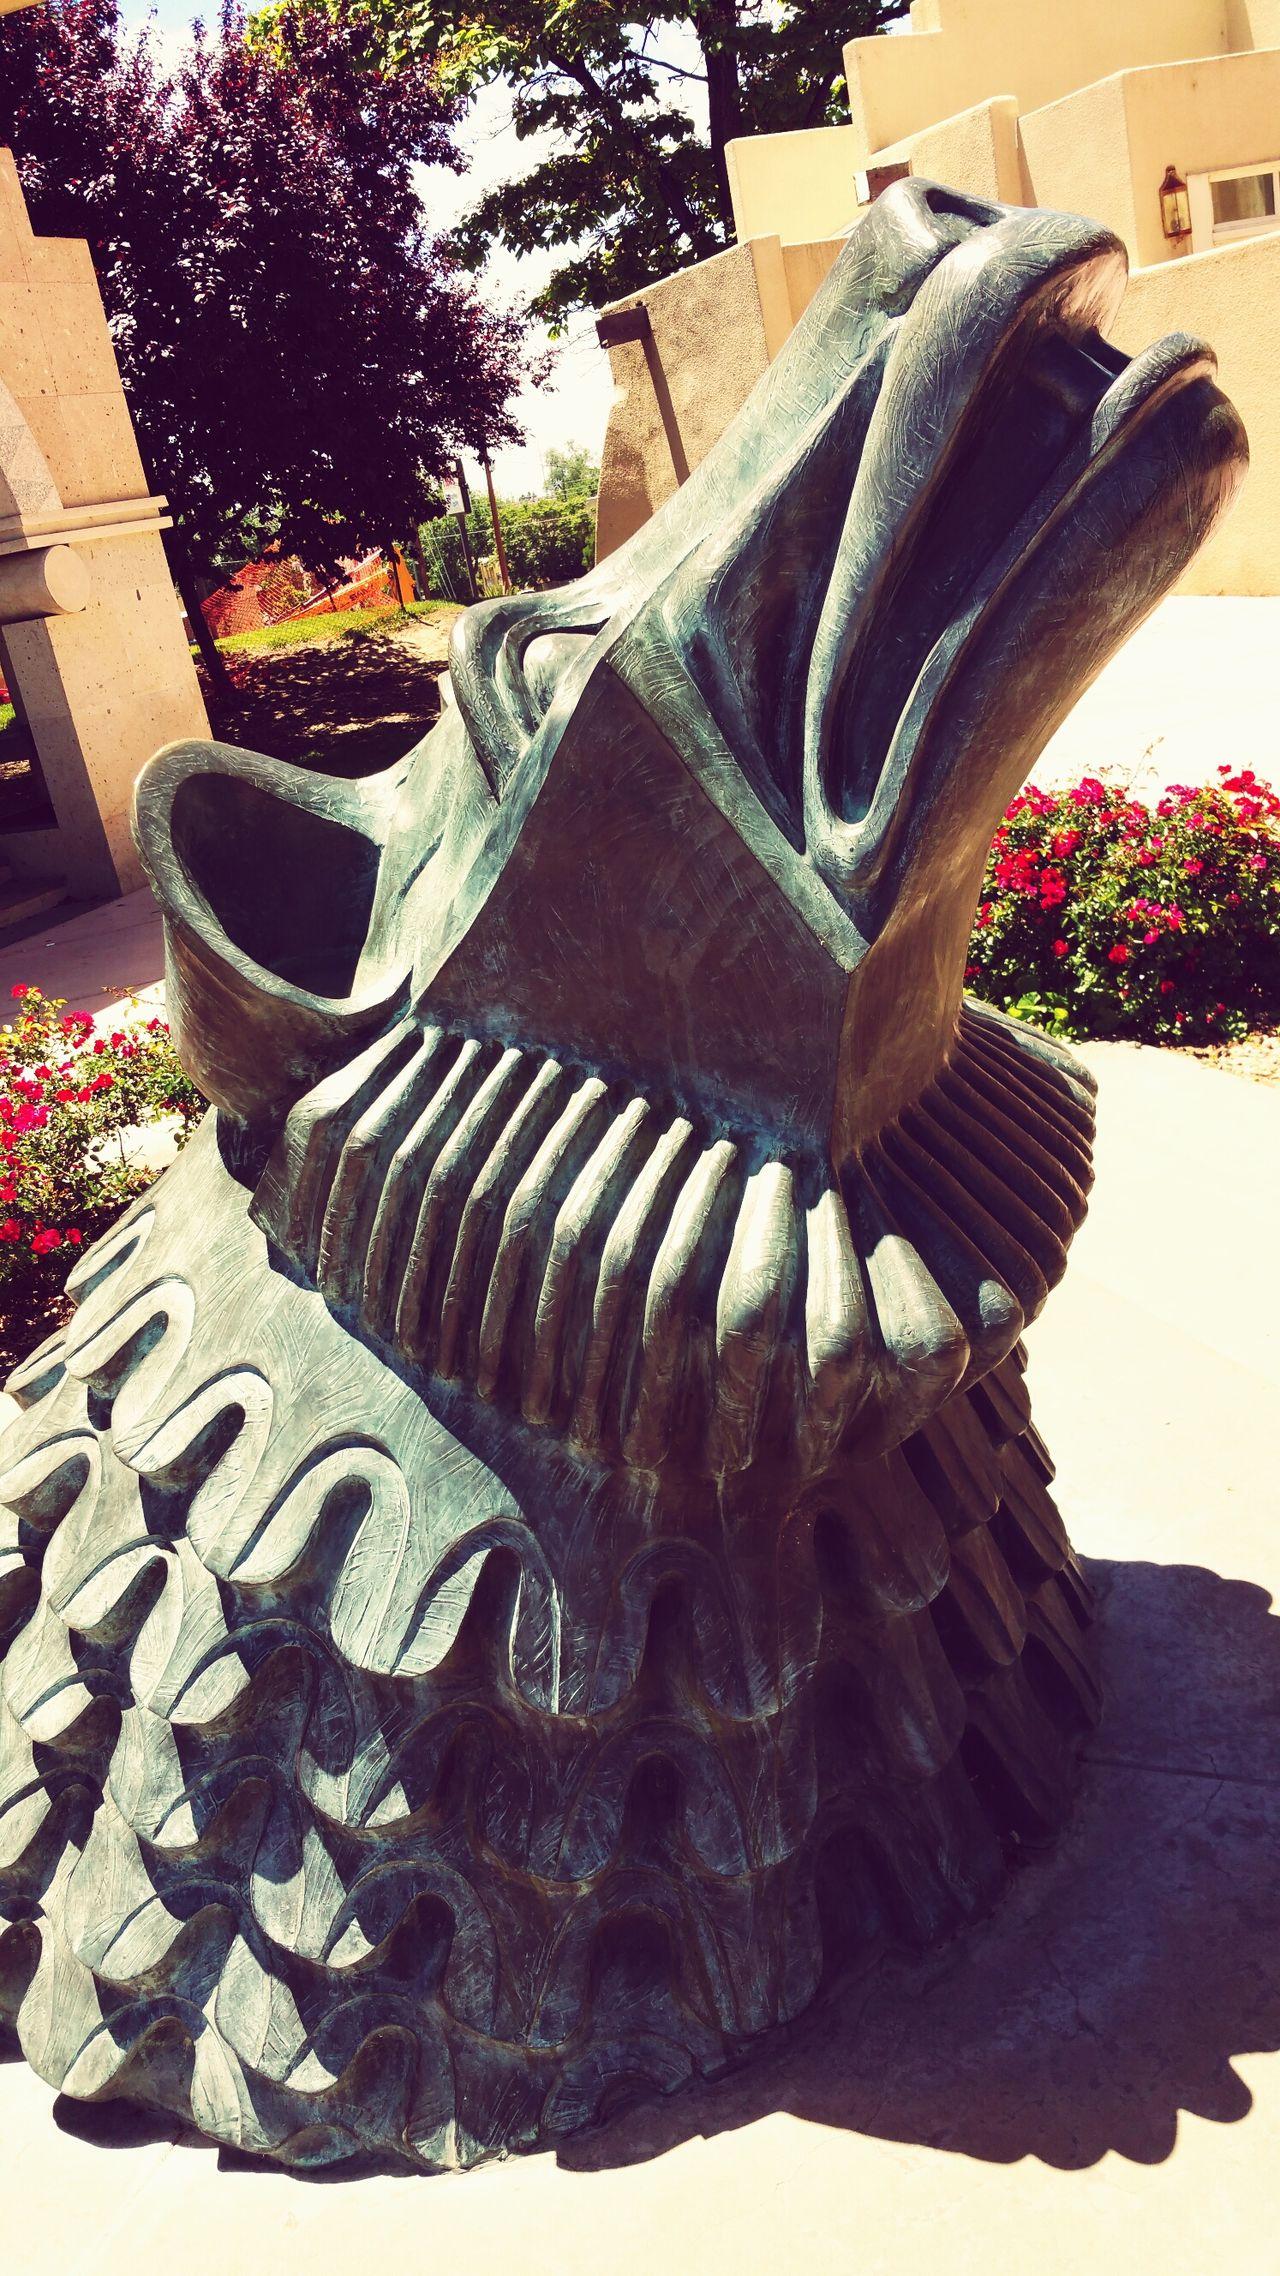 Lobo Sunlight Close-up Sculpture Art Lobo LobosFootball Hodgin EyeEmNewHere